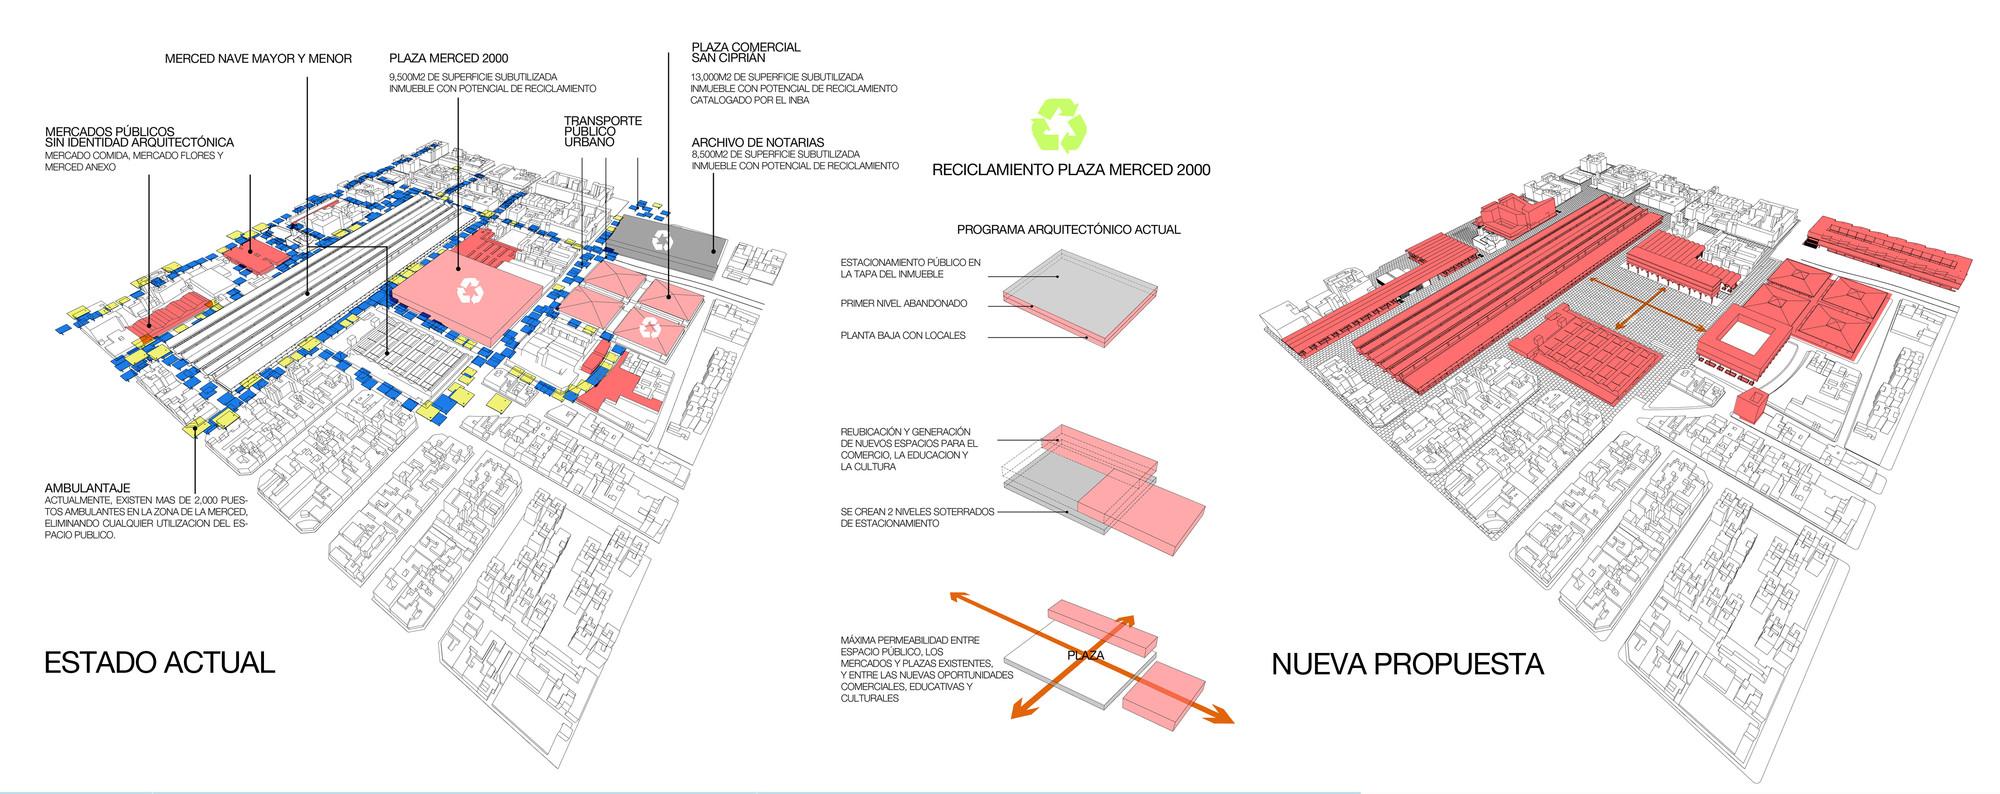 Análisis de estado actual y nueva propuesta. Image Courtesy of José Muñoz Villers y Carlos Marín